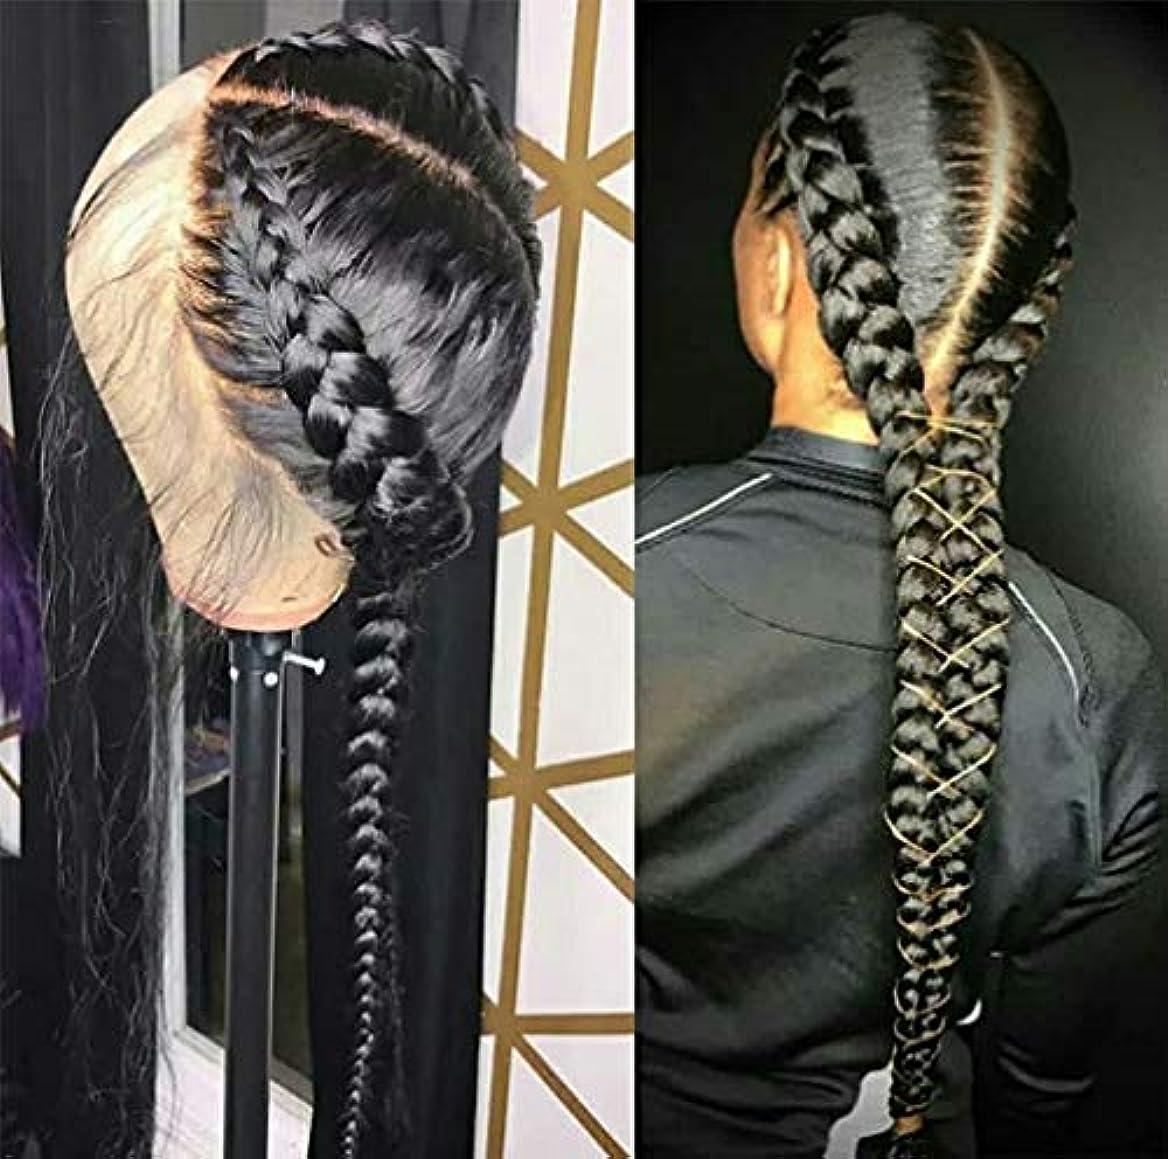 クリケット麻痺させるみすぼらしい女性かつらストレートヘアレース前頭ブラジルバージン人間の髪の毛のかつら人間の髪の毛150%密度